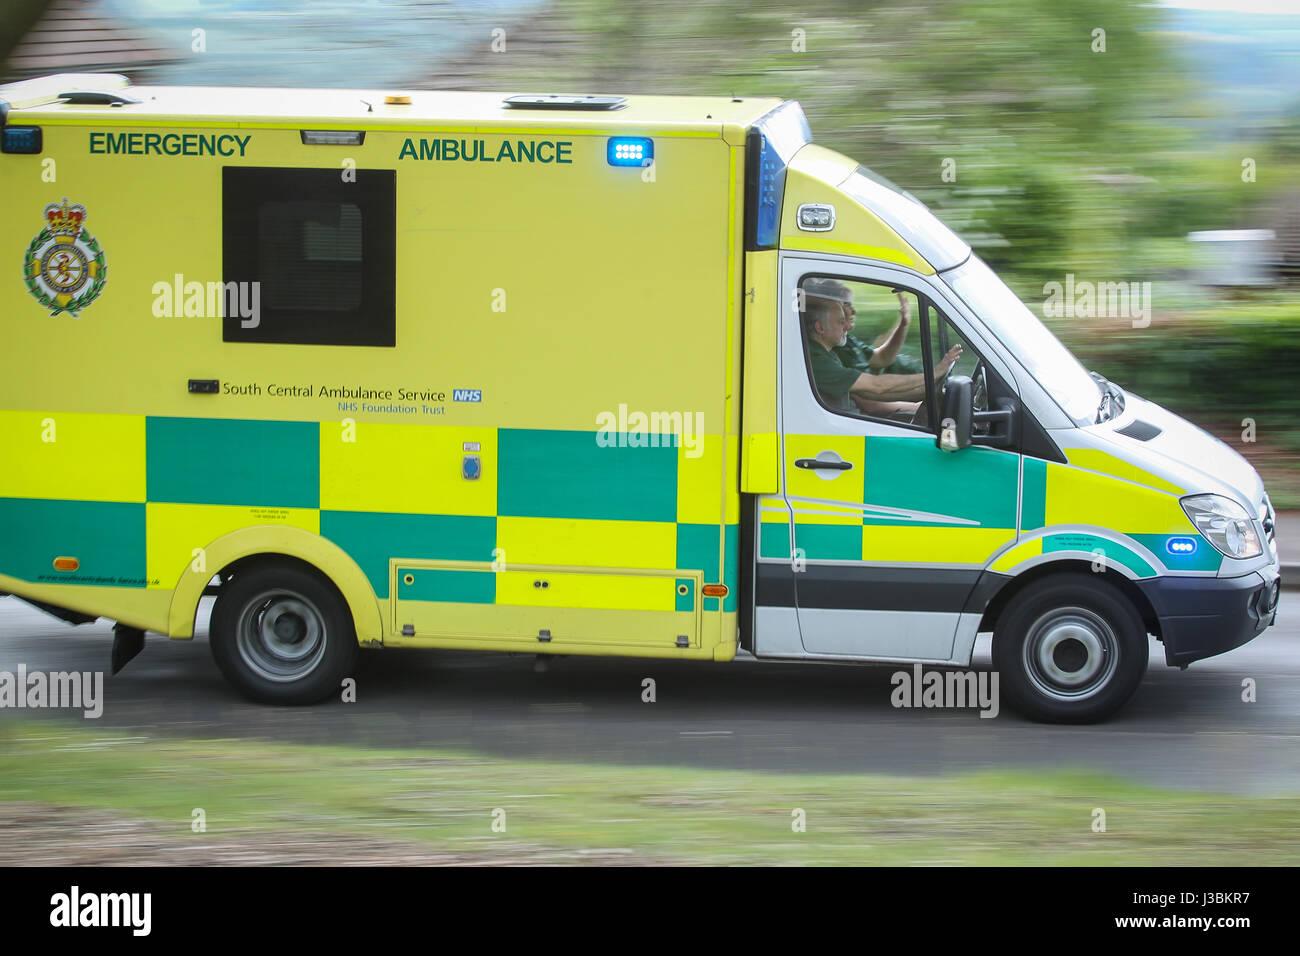 Une Ambulance centrale du Sud à se précipiter d'urgence avec feux bleus sur Photo Stock